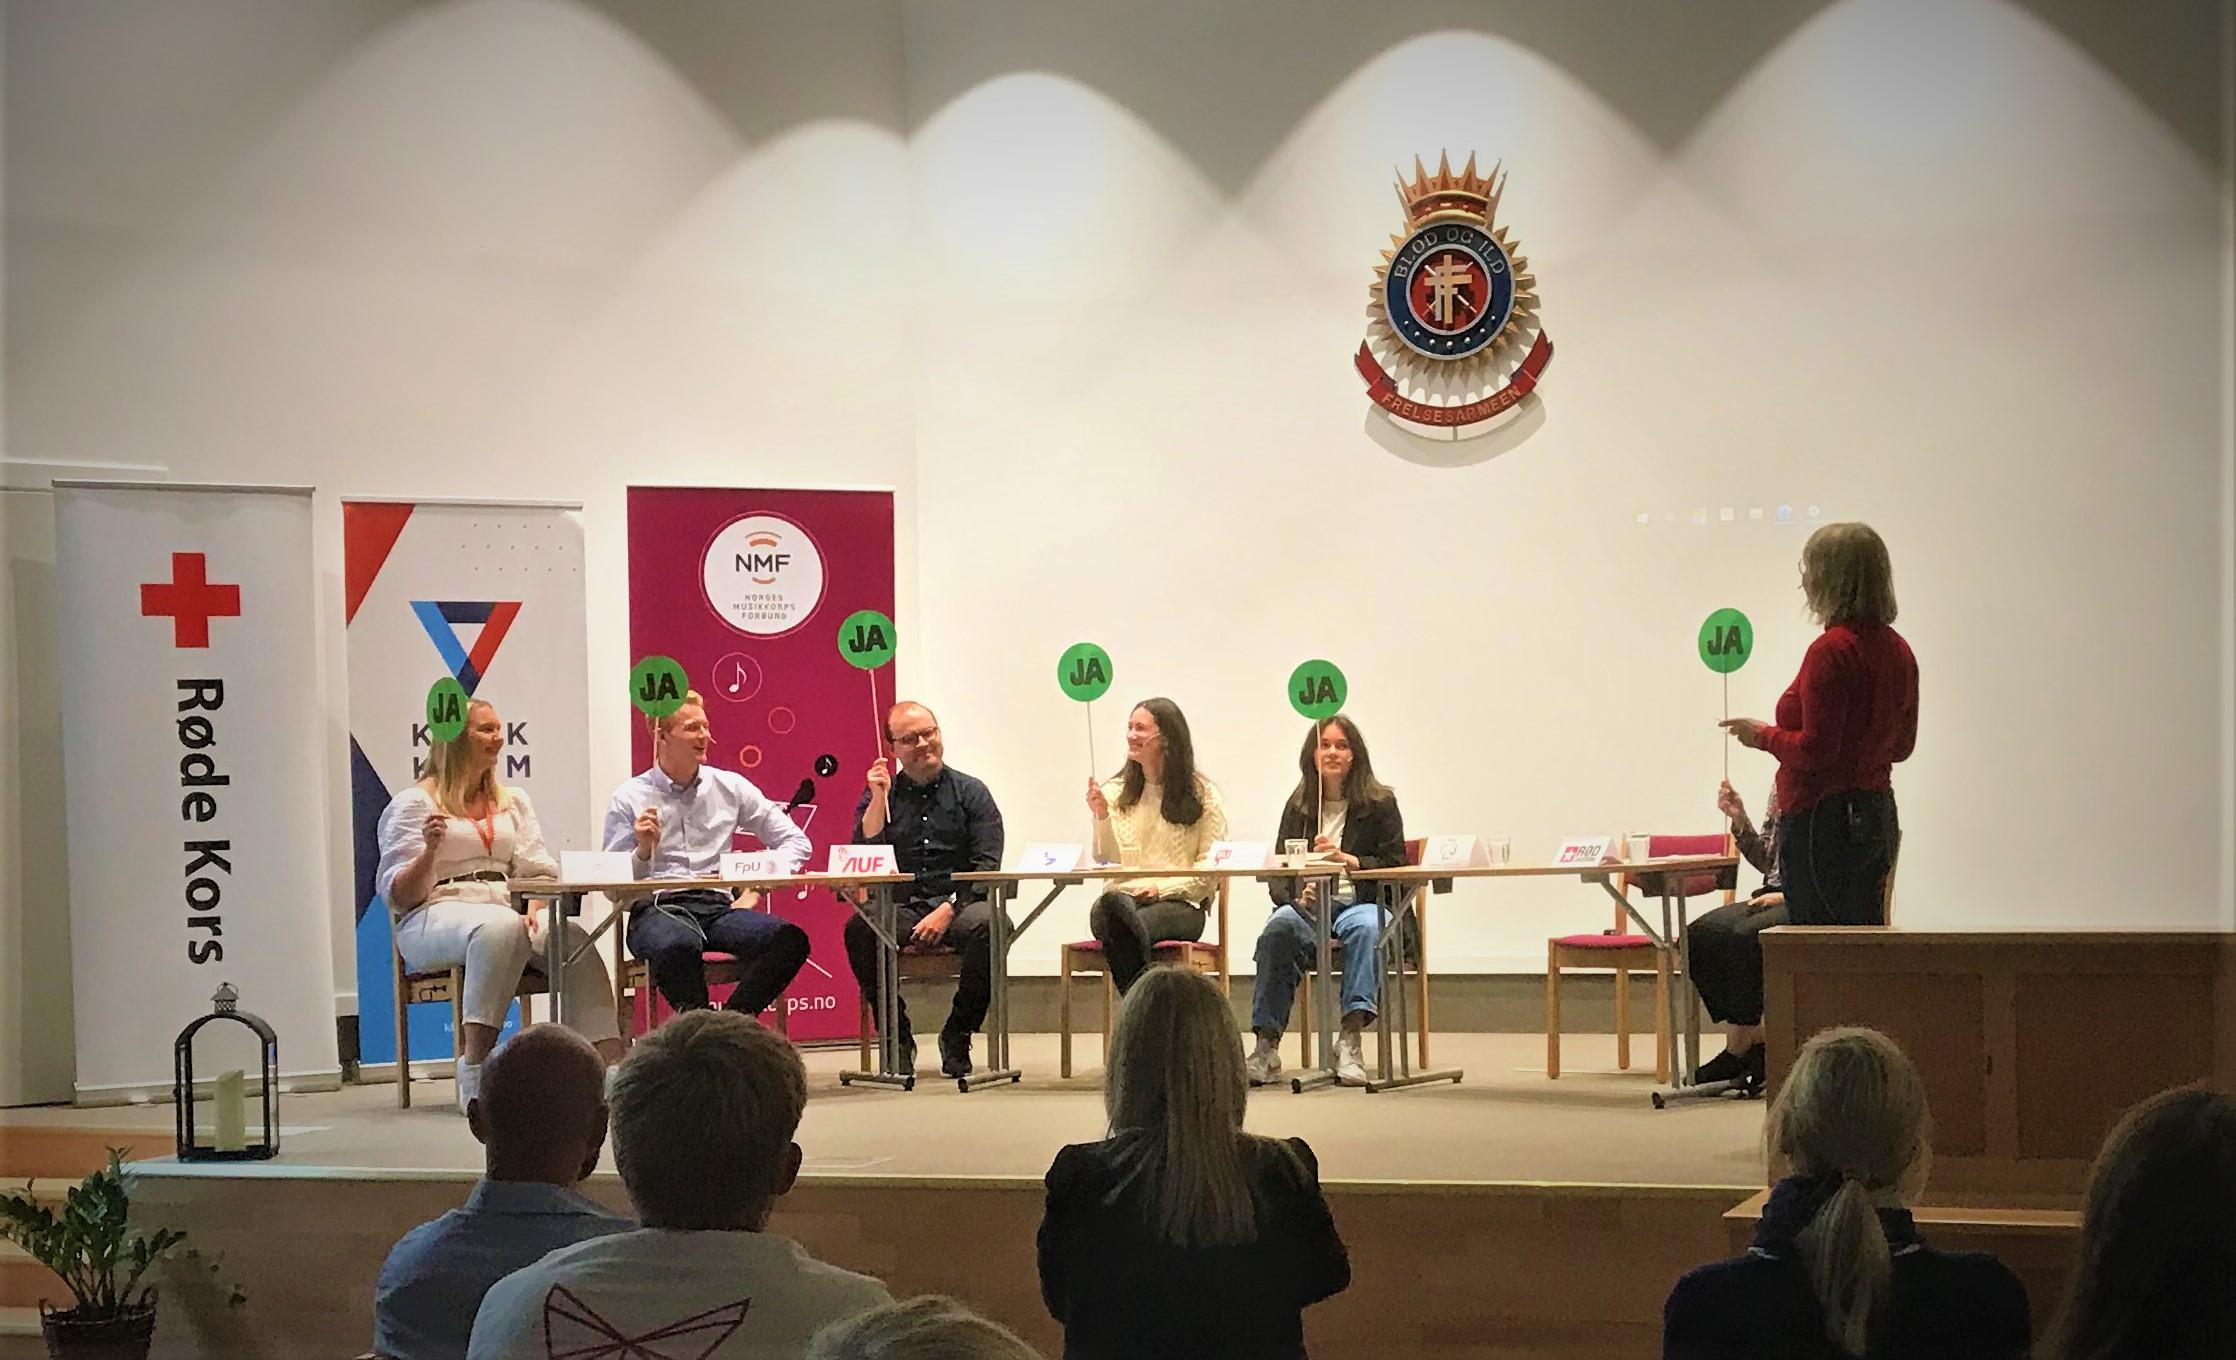 Foto: Ungdomspolitikere i paneldebatt holder grønne JA-plakater opp under Arendalsuka